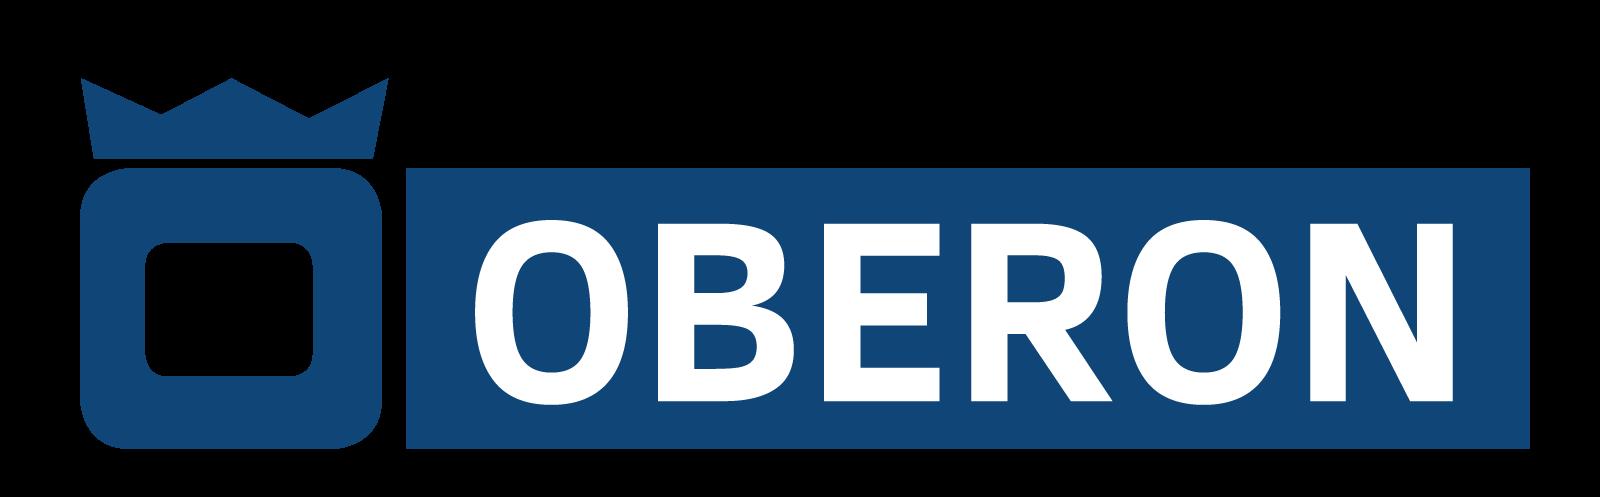 Oberon-Logo-1600x497